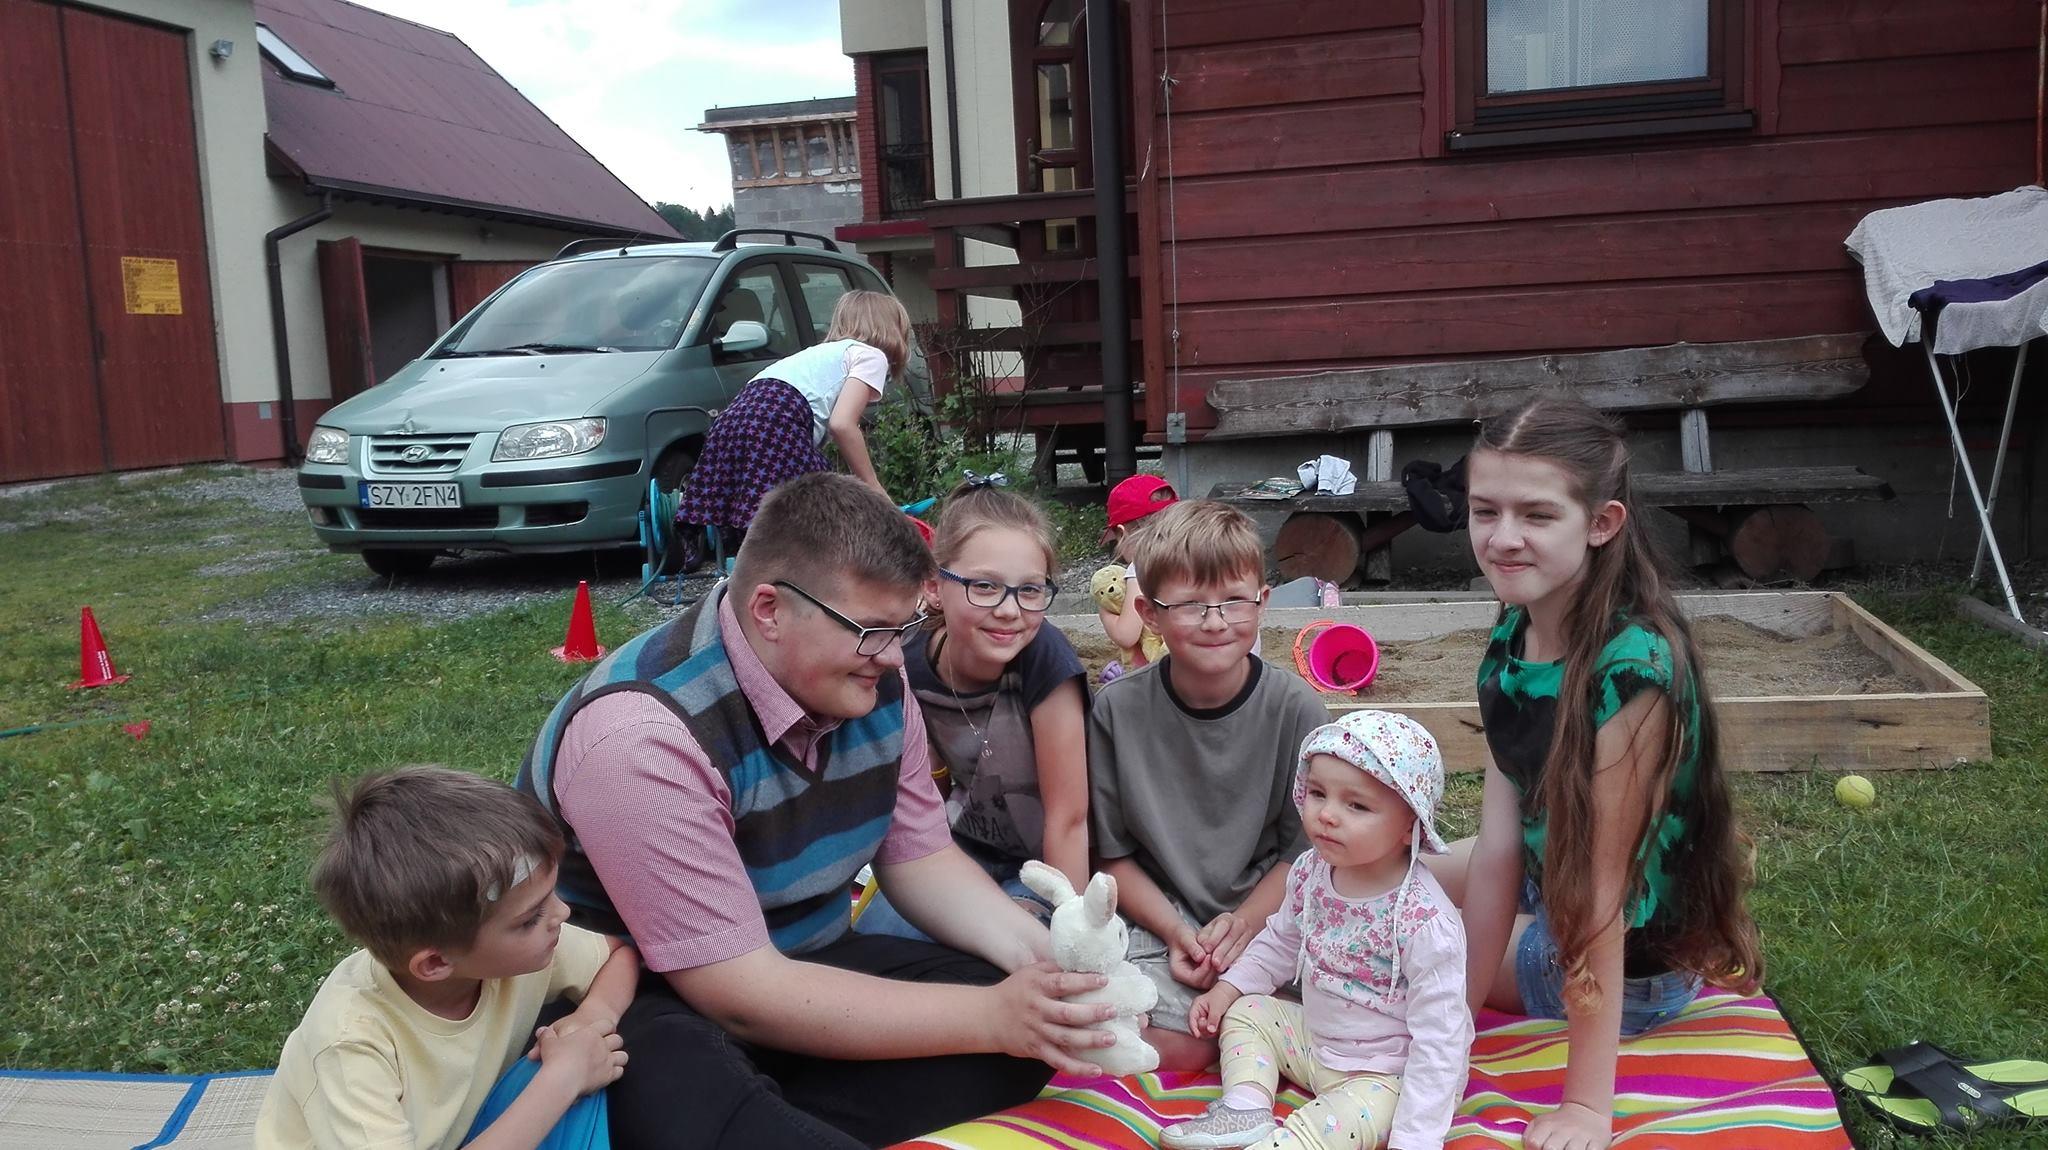 Letnia OAZA DZIECI BOŻYCH Zamek Bierzgłowski 02-18.07.2021 – jeszcze są miejsca